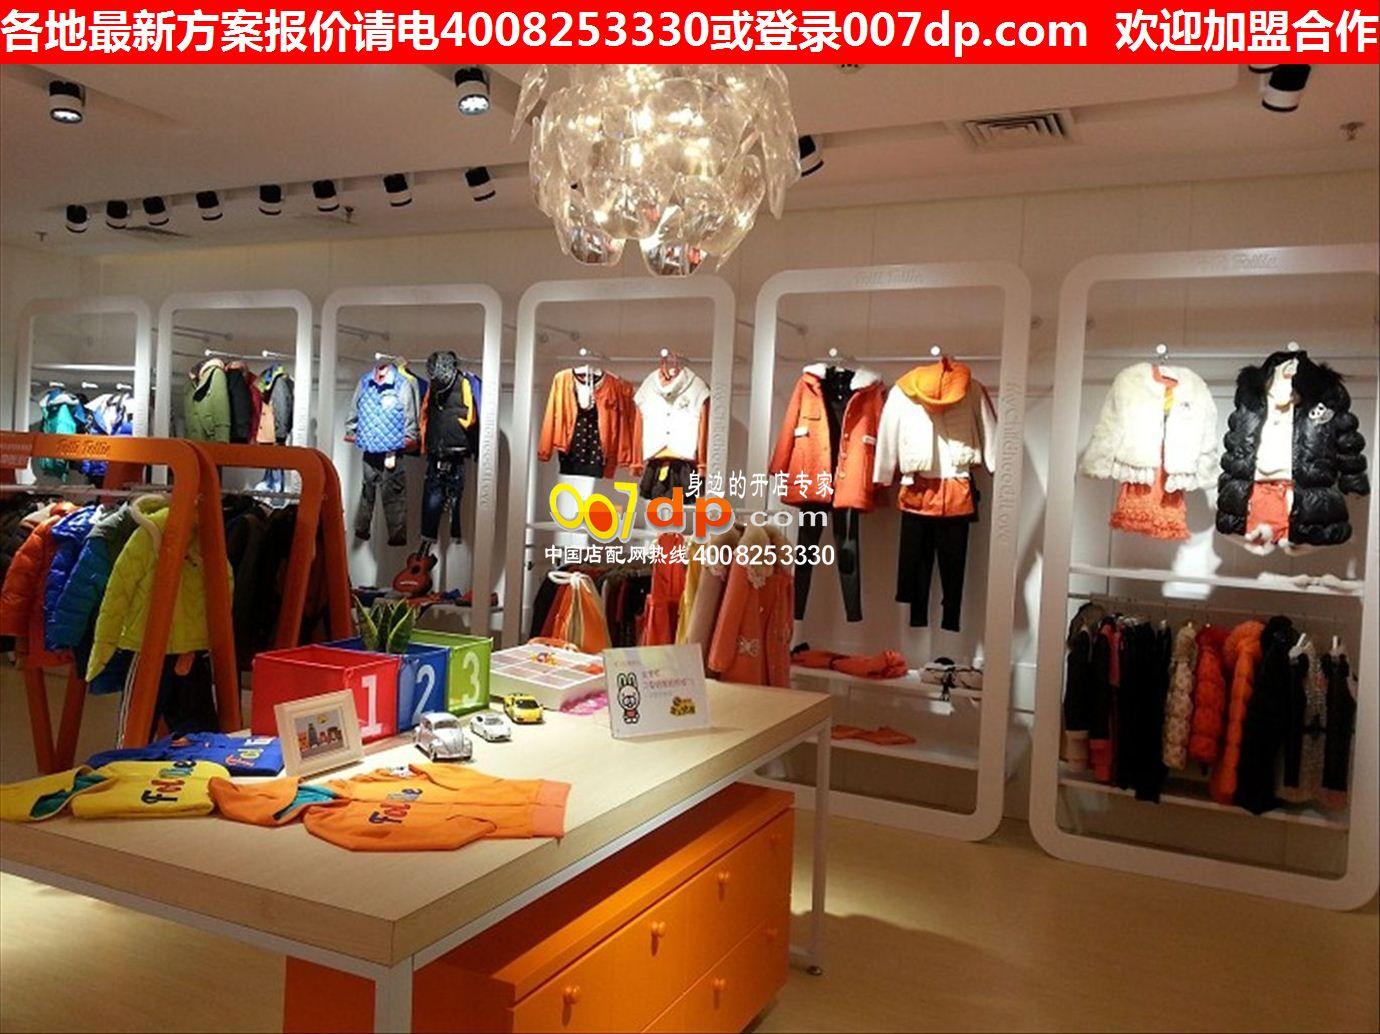 创意童装店装修效果图大全个性童装货架展柜设计1204